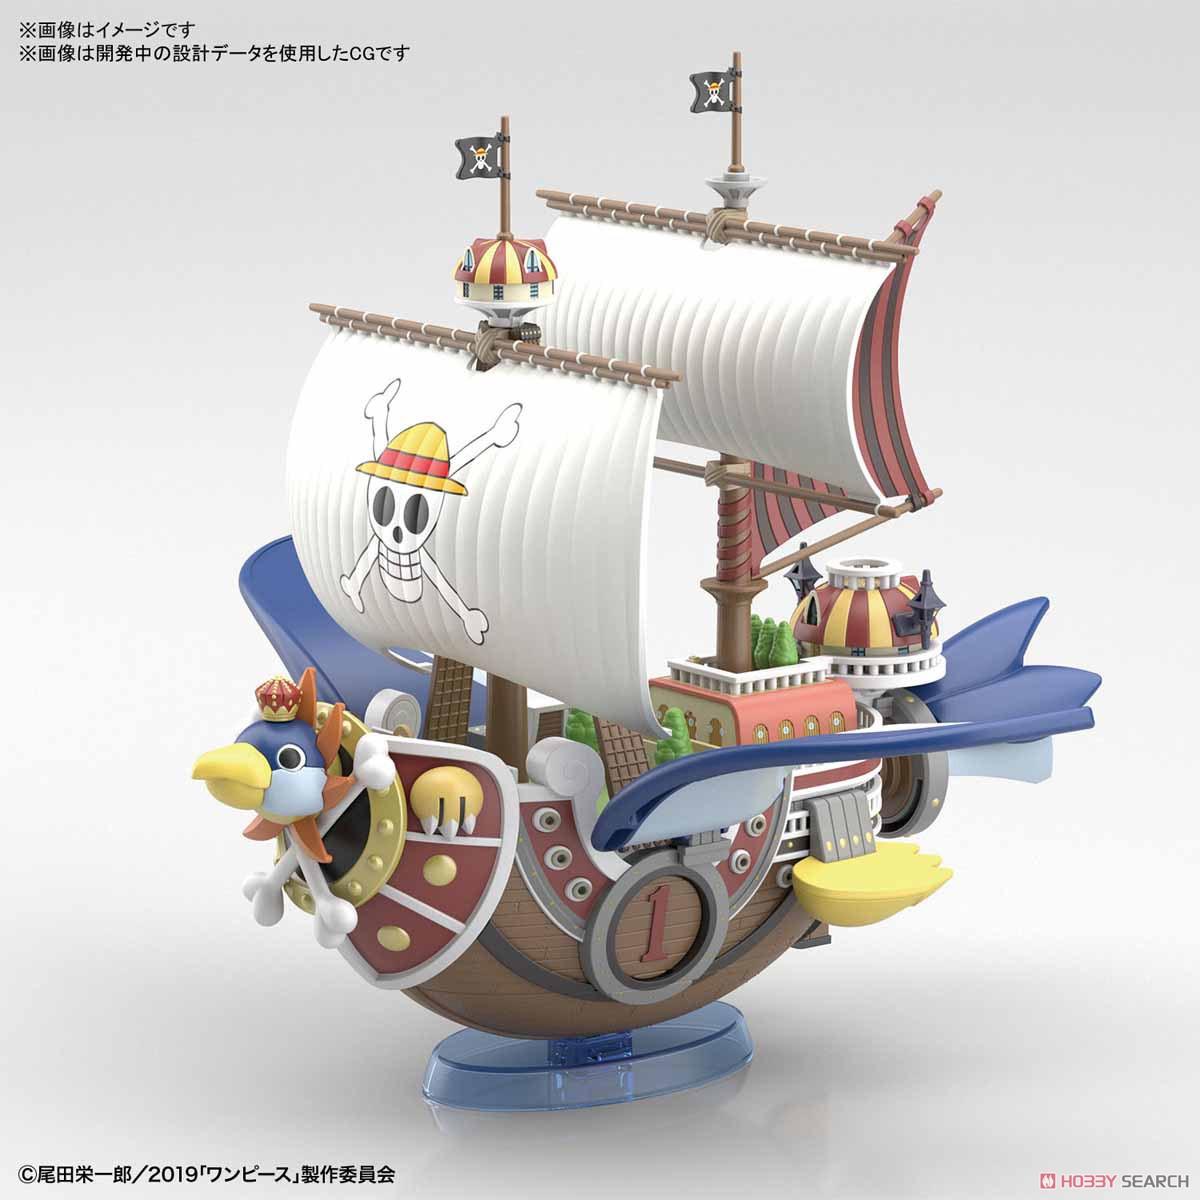 偉大なる船コレクション『サウザンド・サニー号 フライングモデル』ワンピース プラモデル-001